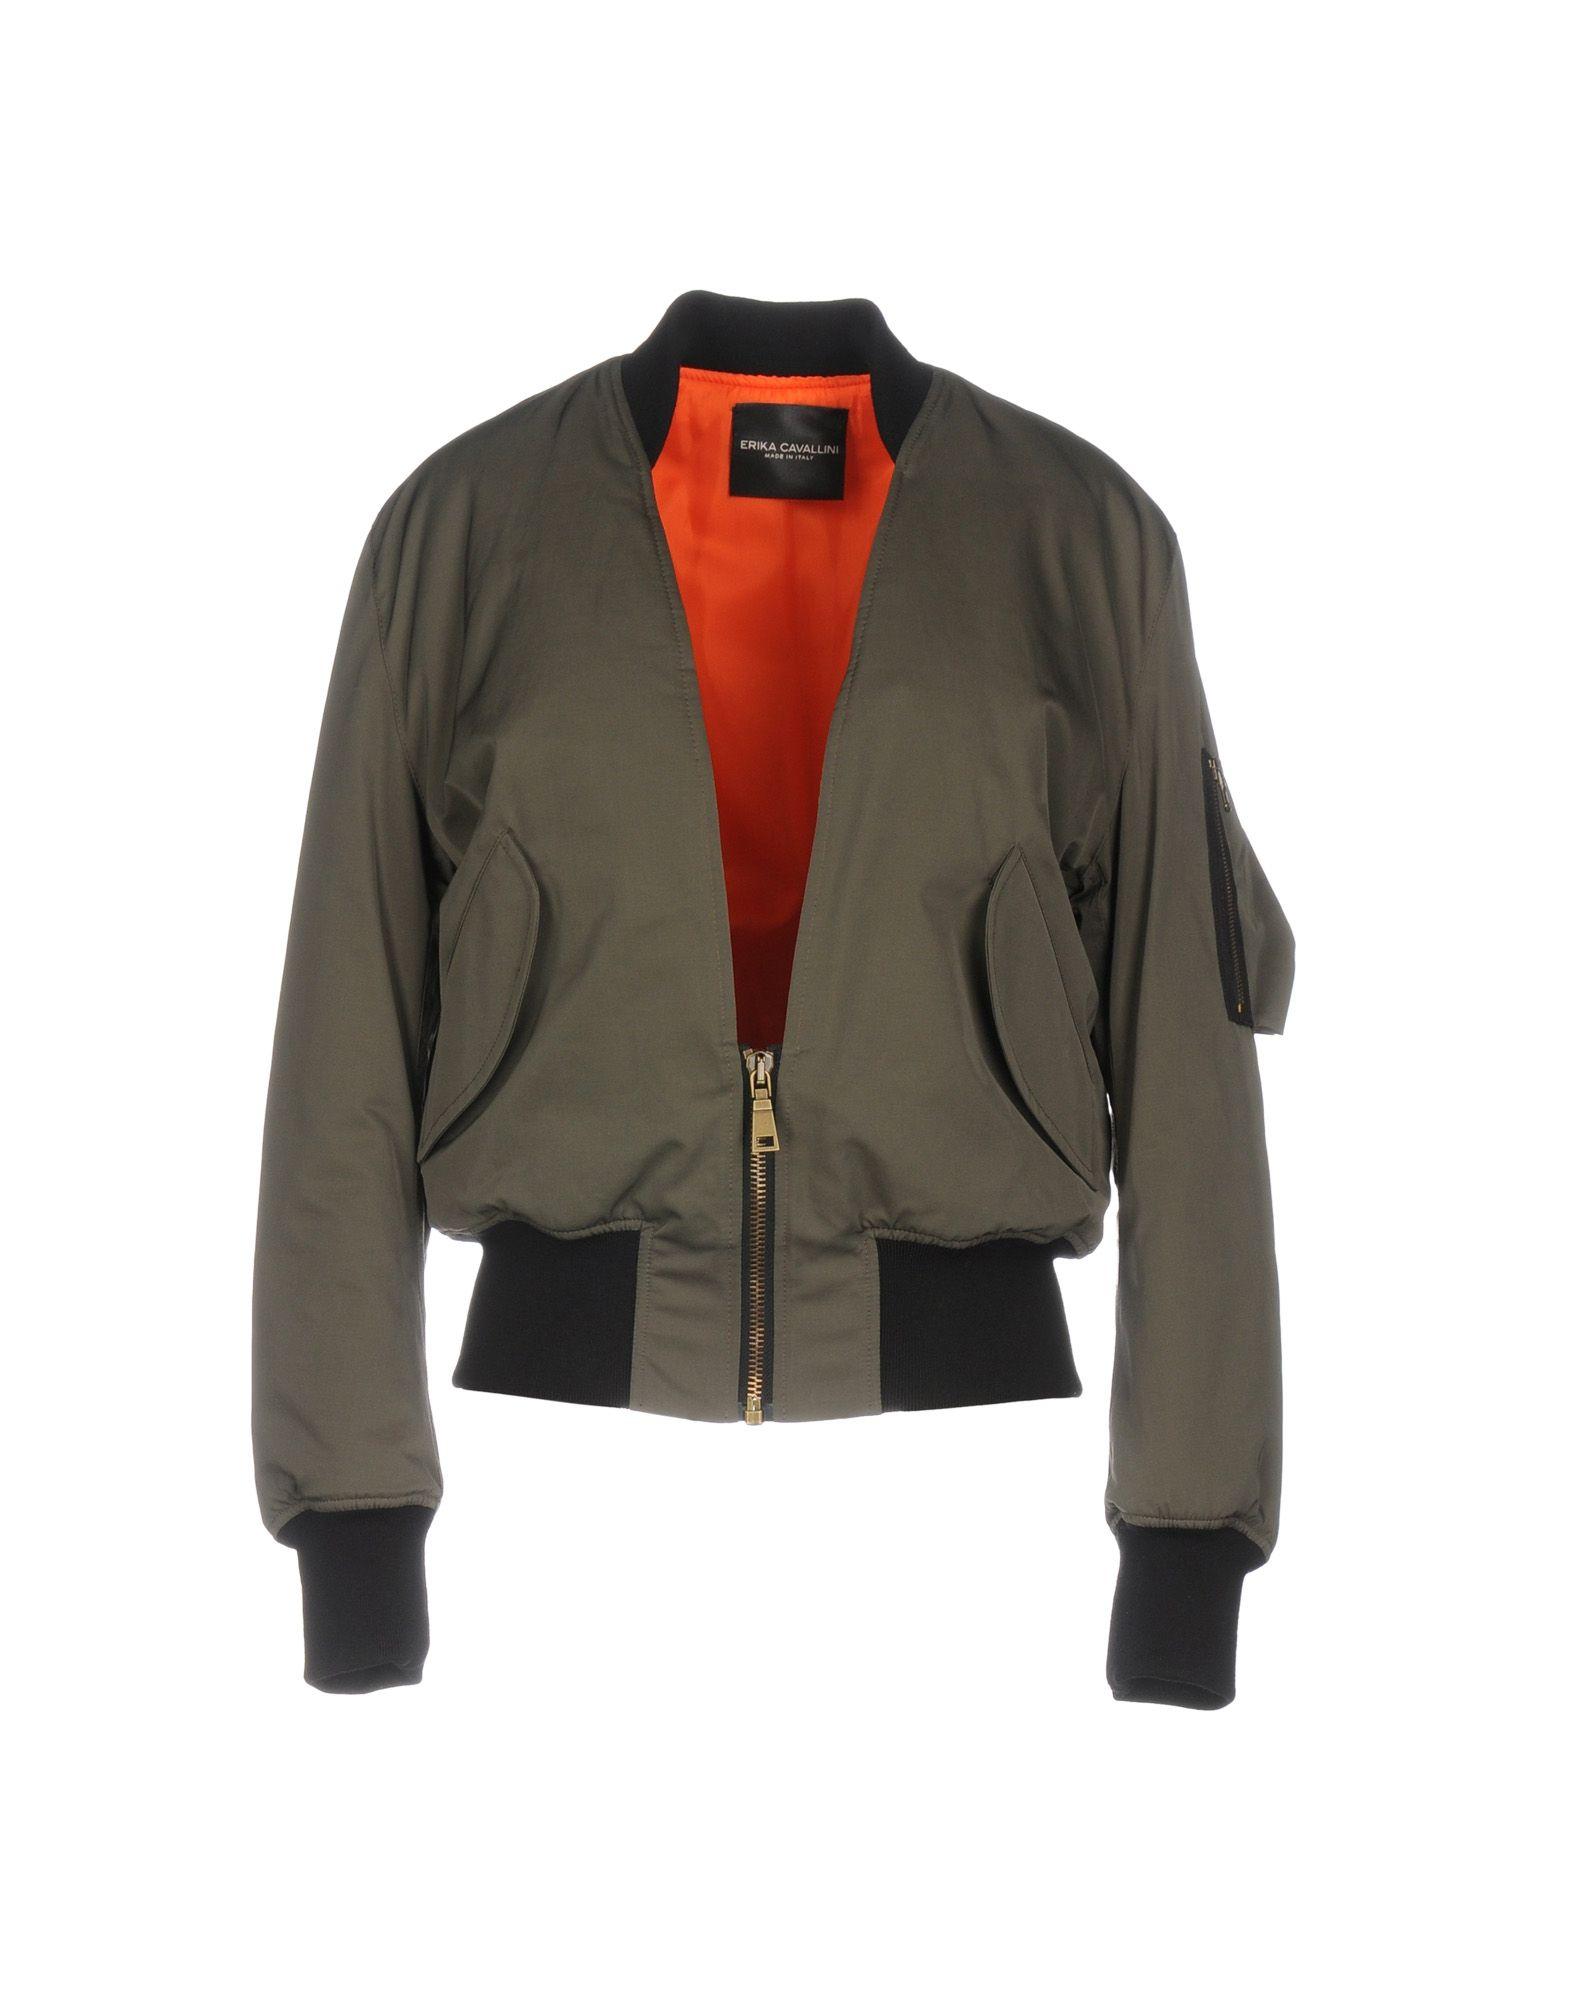 ERIKA CAVALLINI Damen Jacke Farbe Militärgrün Größe 4